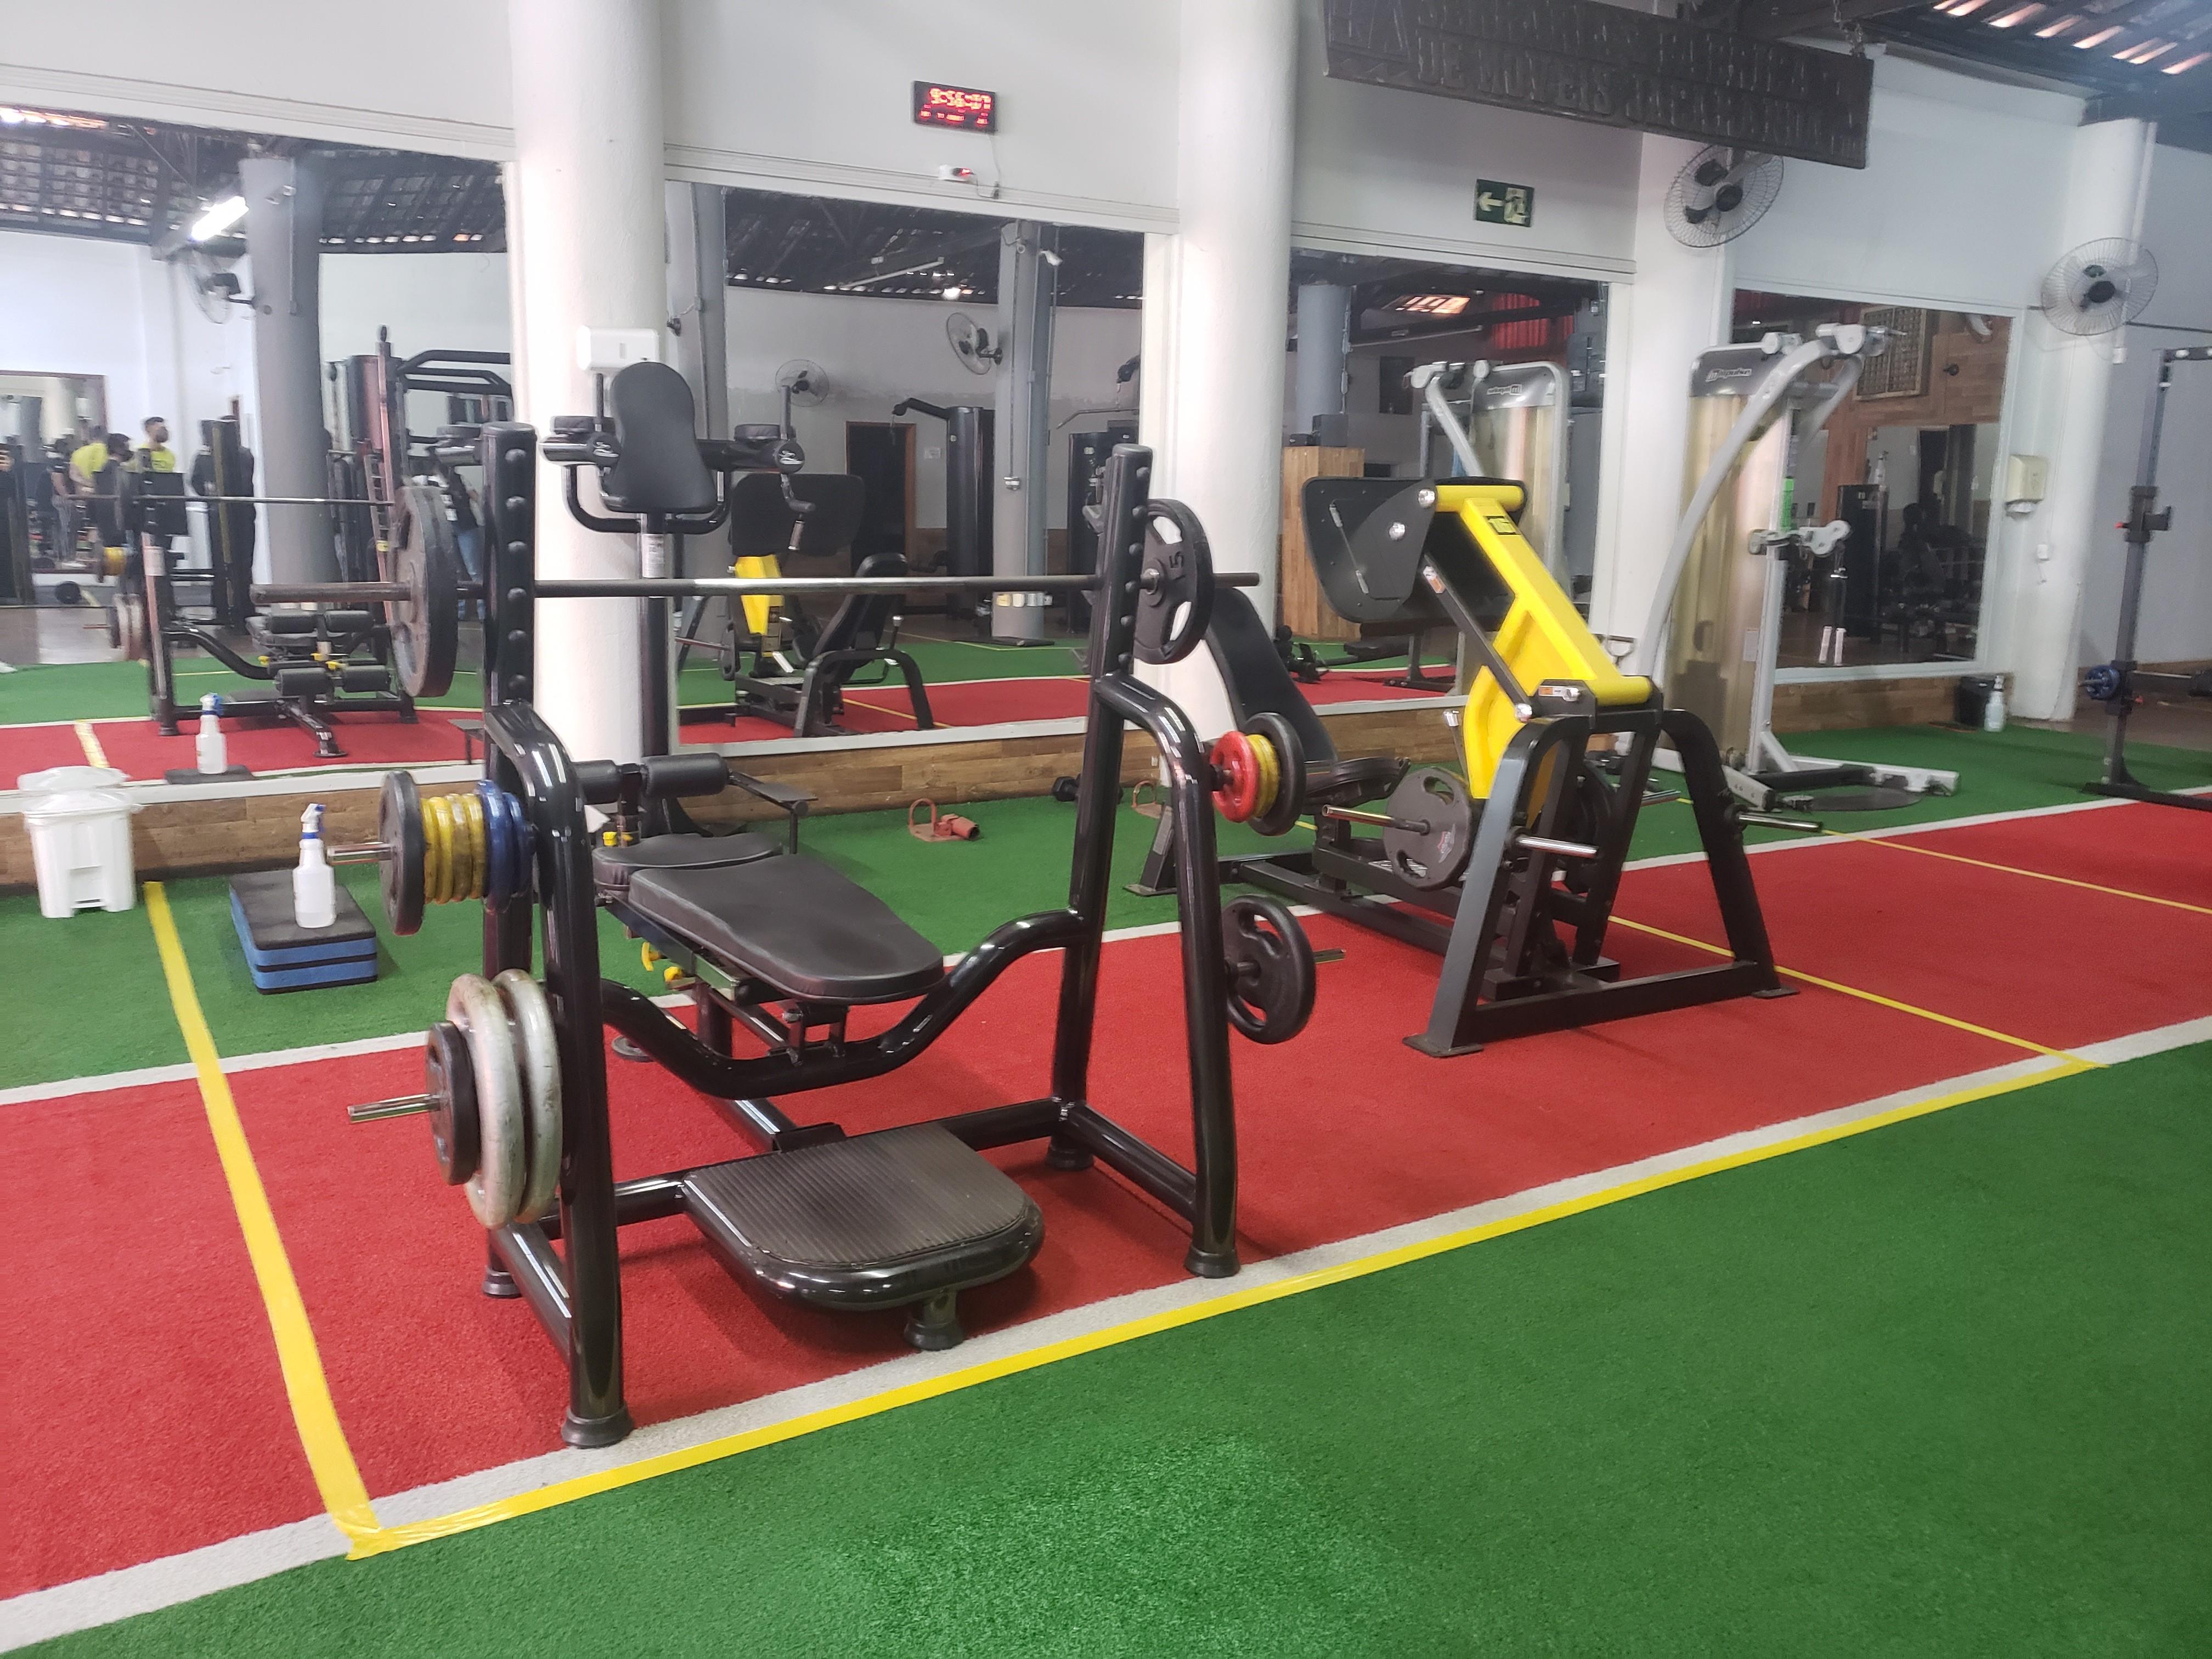 Estúdios de atividade física são vistoriados em Viçosa